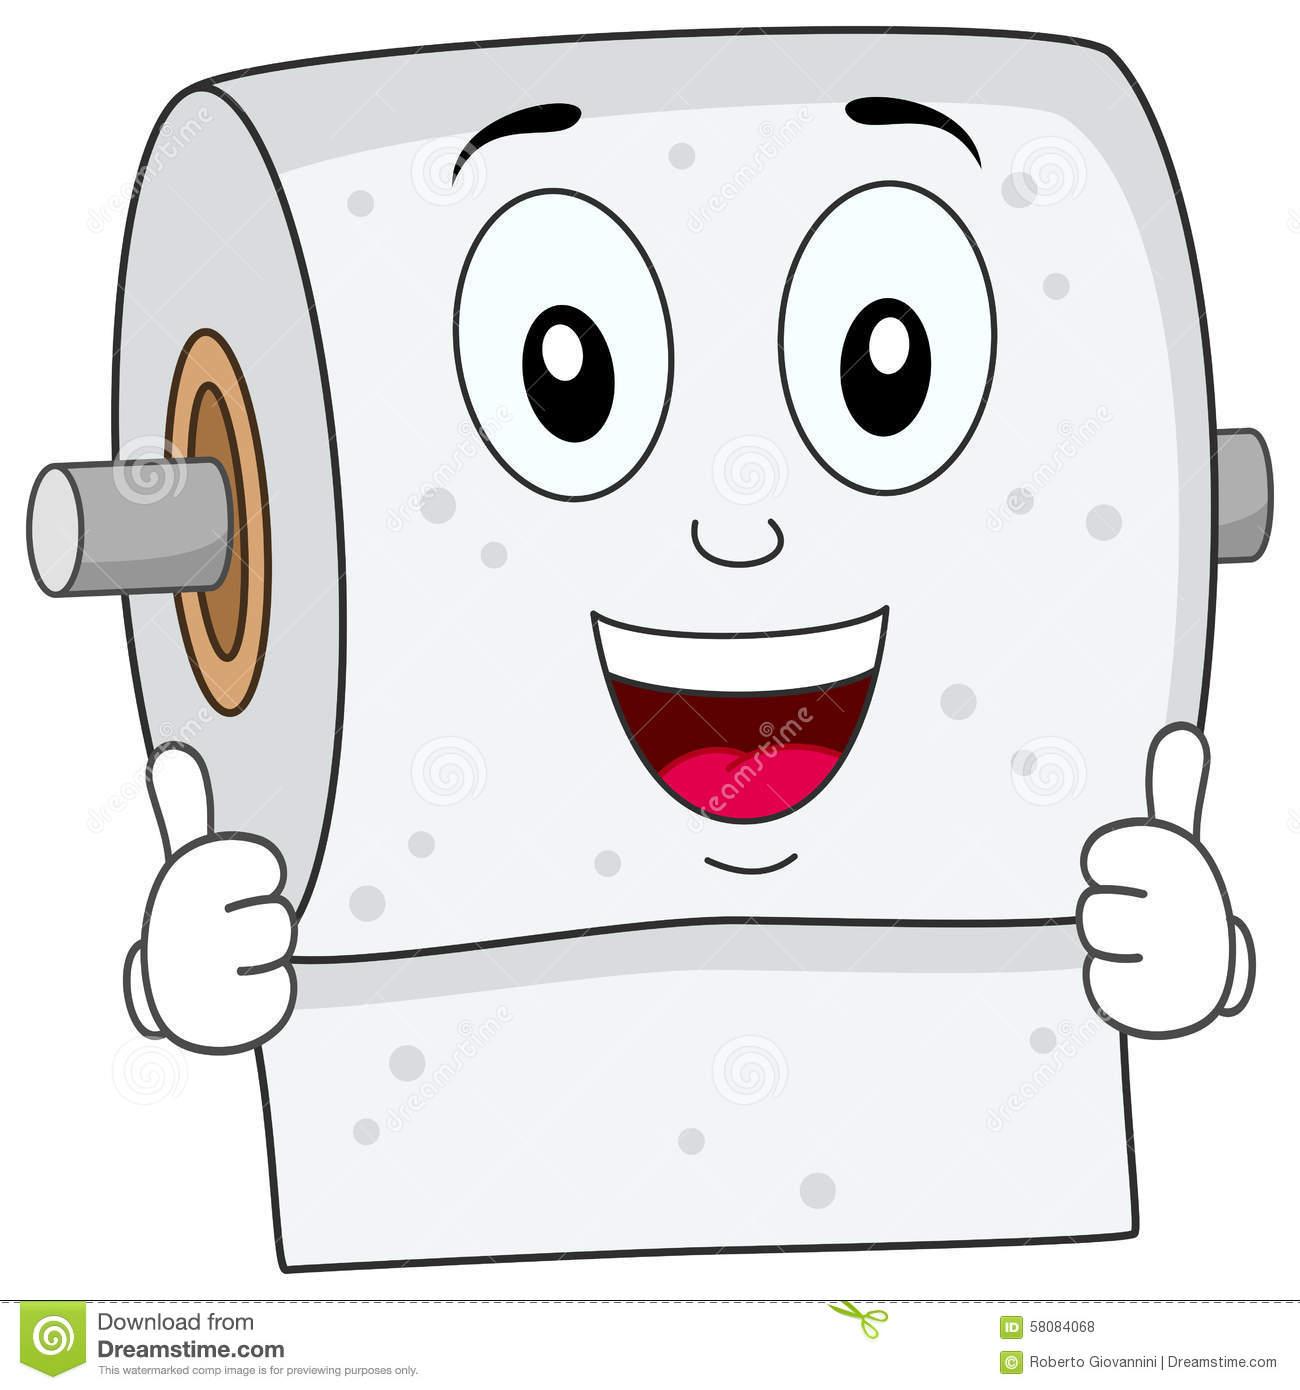 Toilet Tissue Clipart. Funny Toilet Pape-Toilet tissue clipart. Funny Toilet Paper Smiling .-18